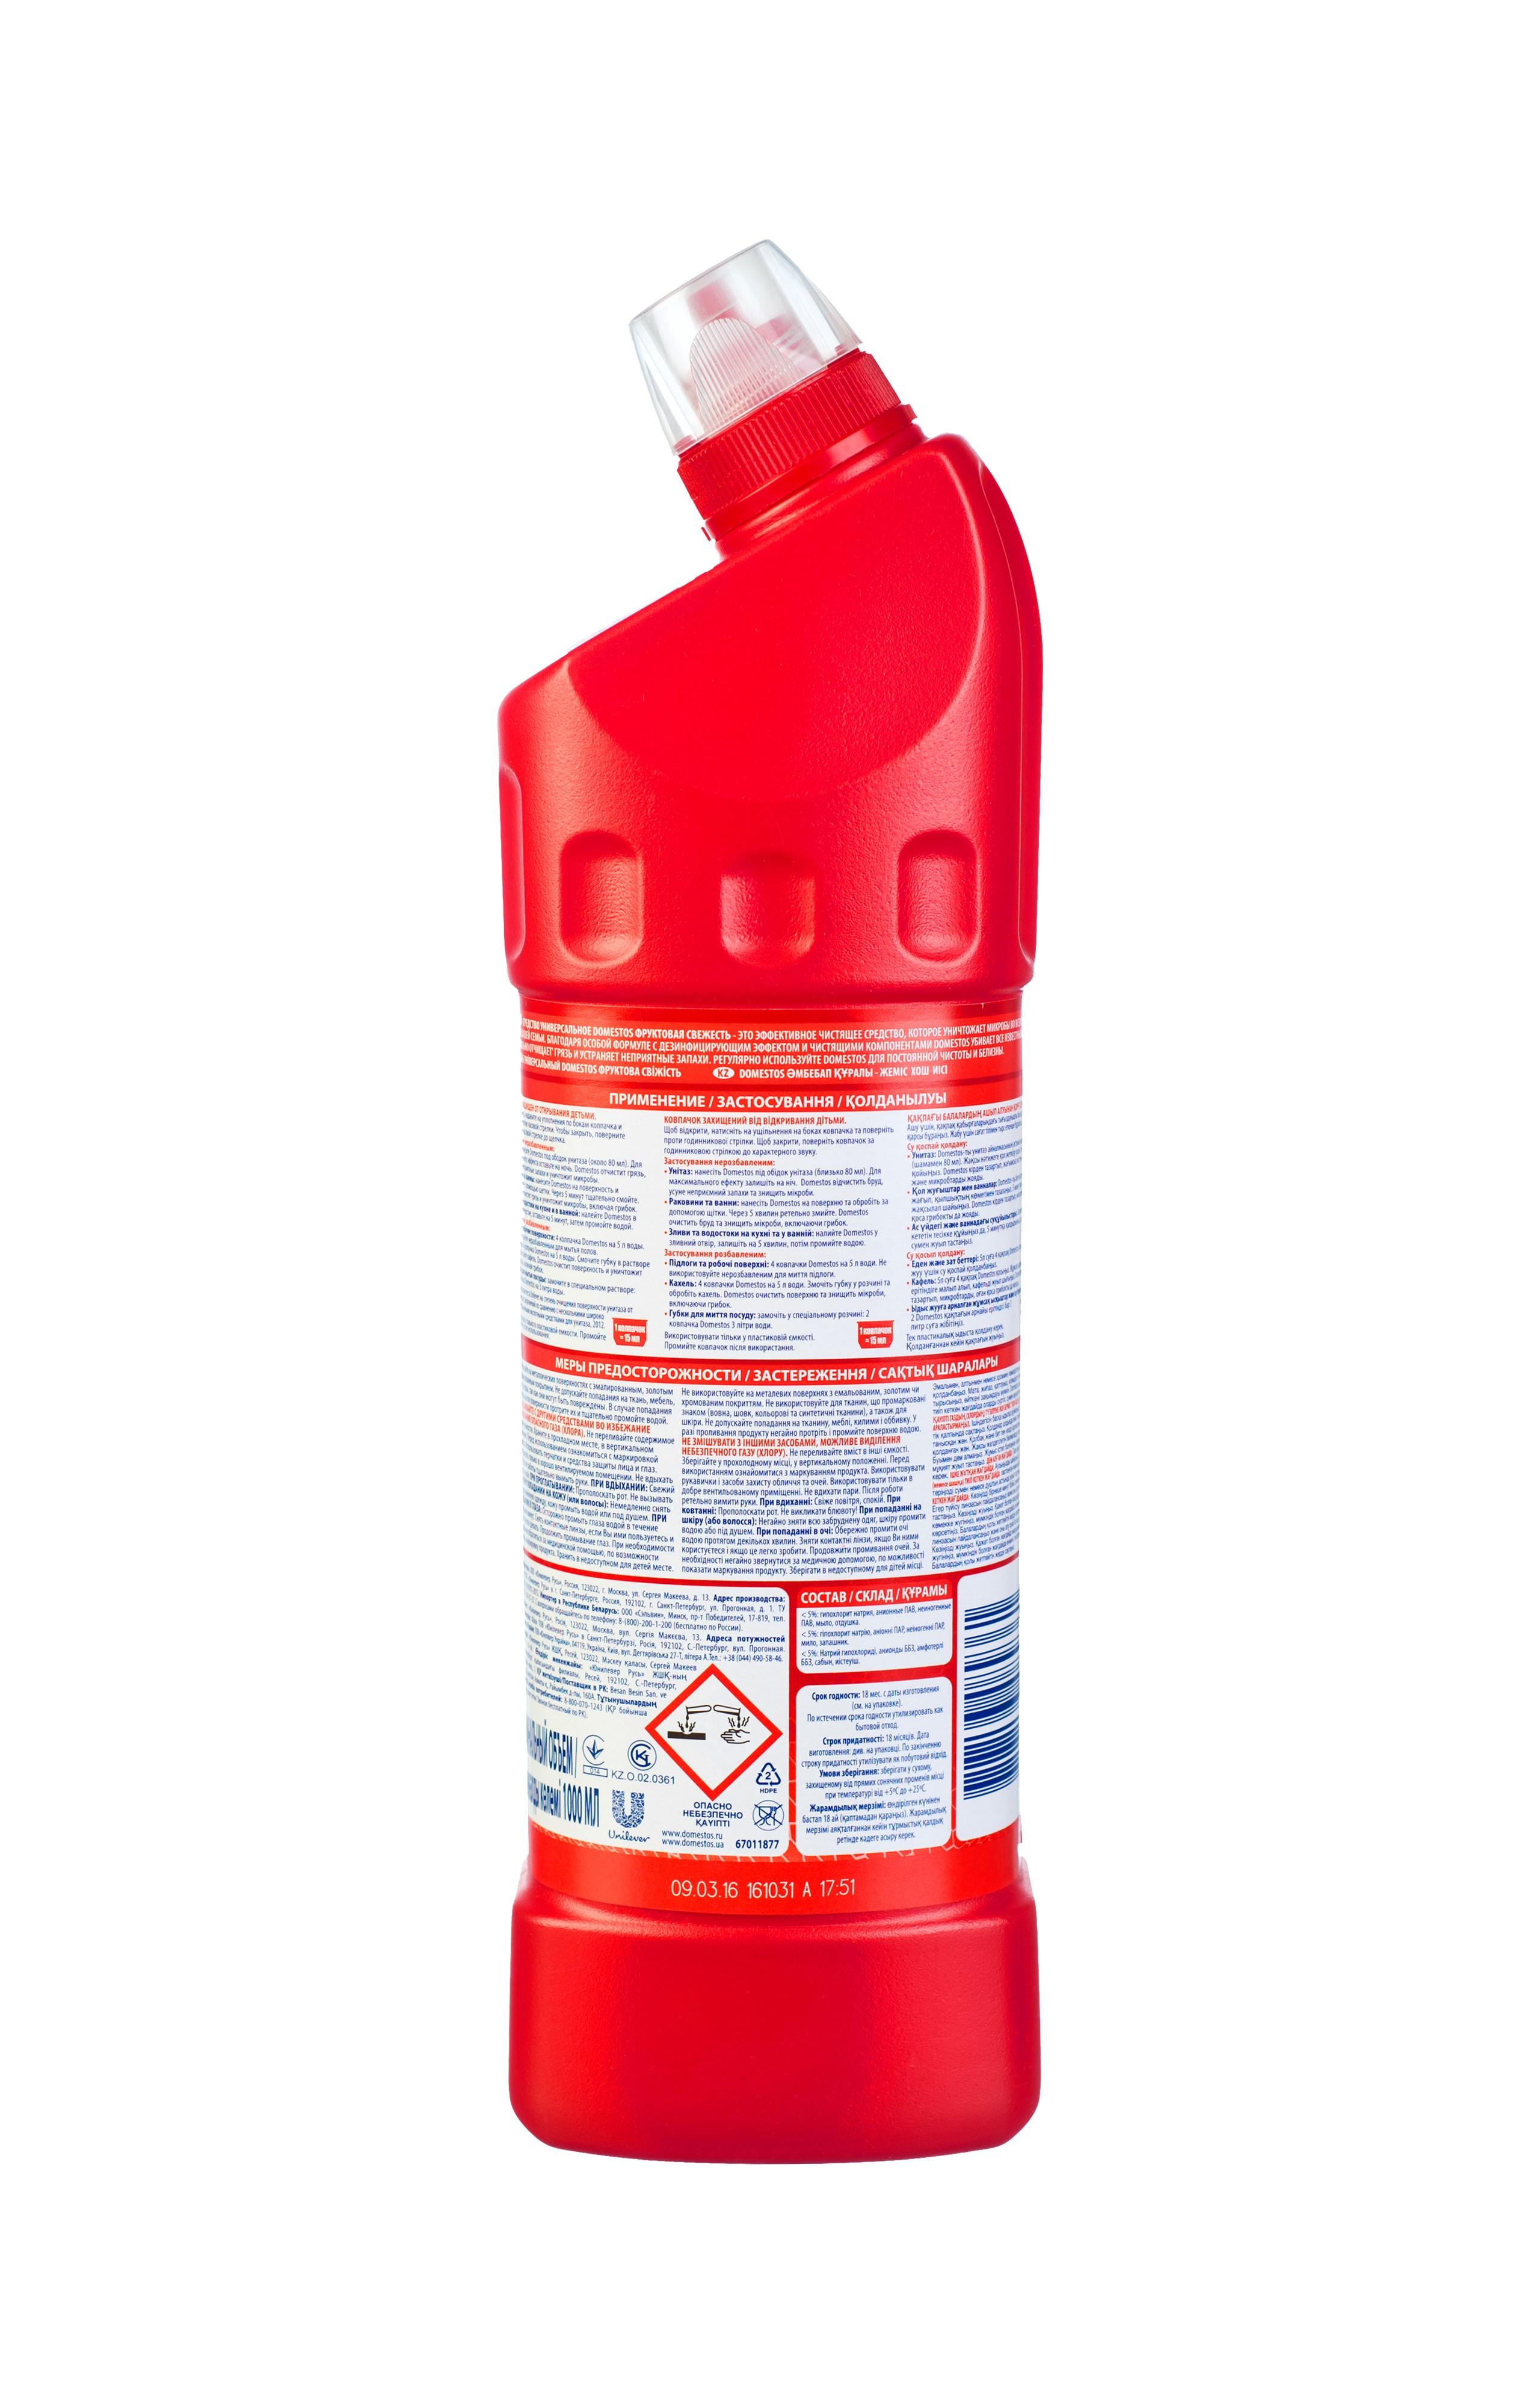 Средство универсальное Domestos Фруктовая Свежесть – это эффективное чистящее средство, которое уничтожает микробы во всем доме для защиты вашей семьи.  Благодаря особой формуле с дезинфицирующим эффектом и чистящими компонентами Domestos убивает все известные микробы, максимально отчищает